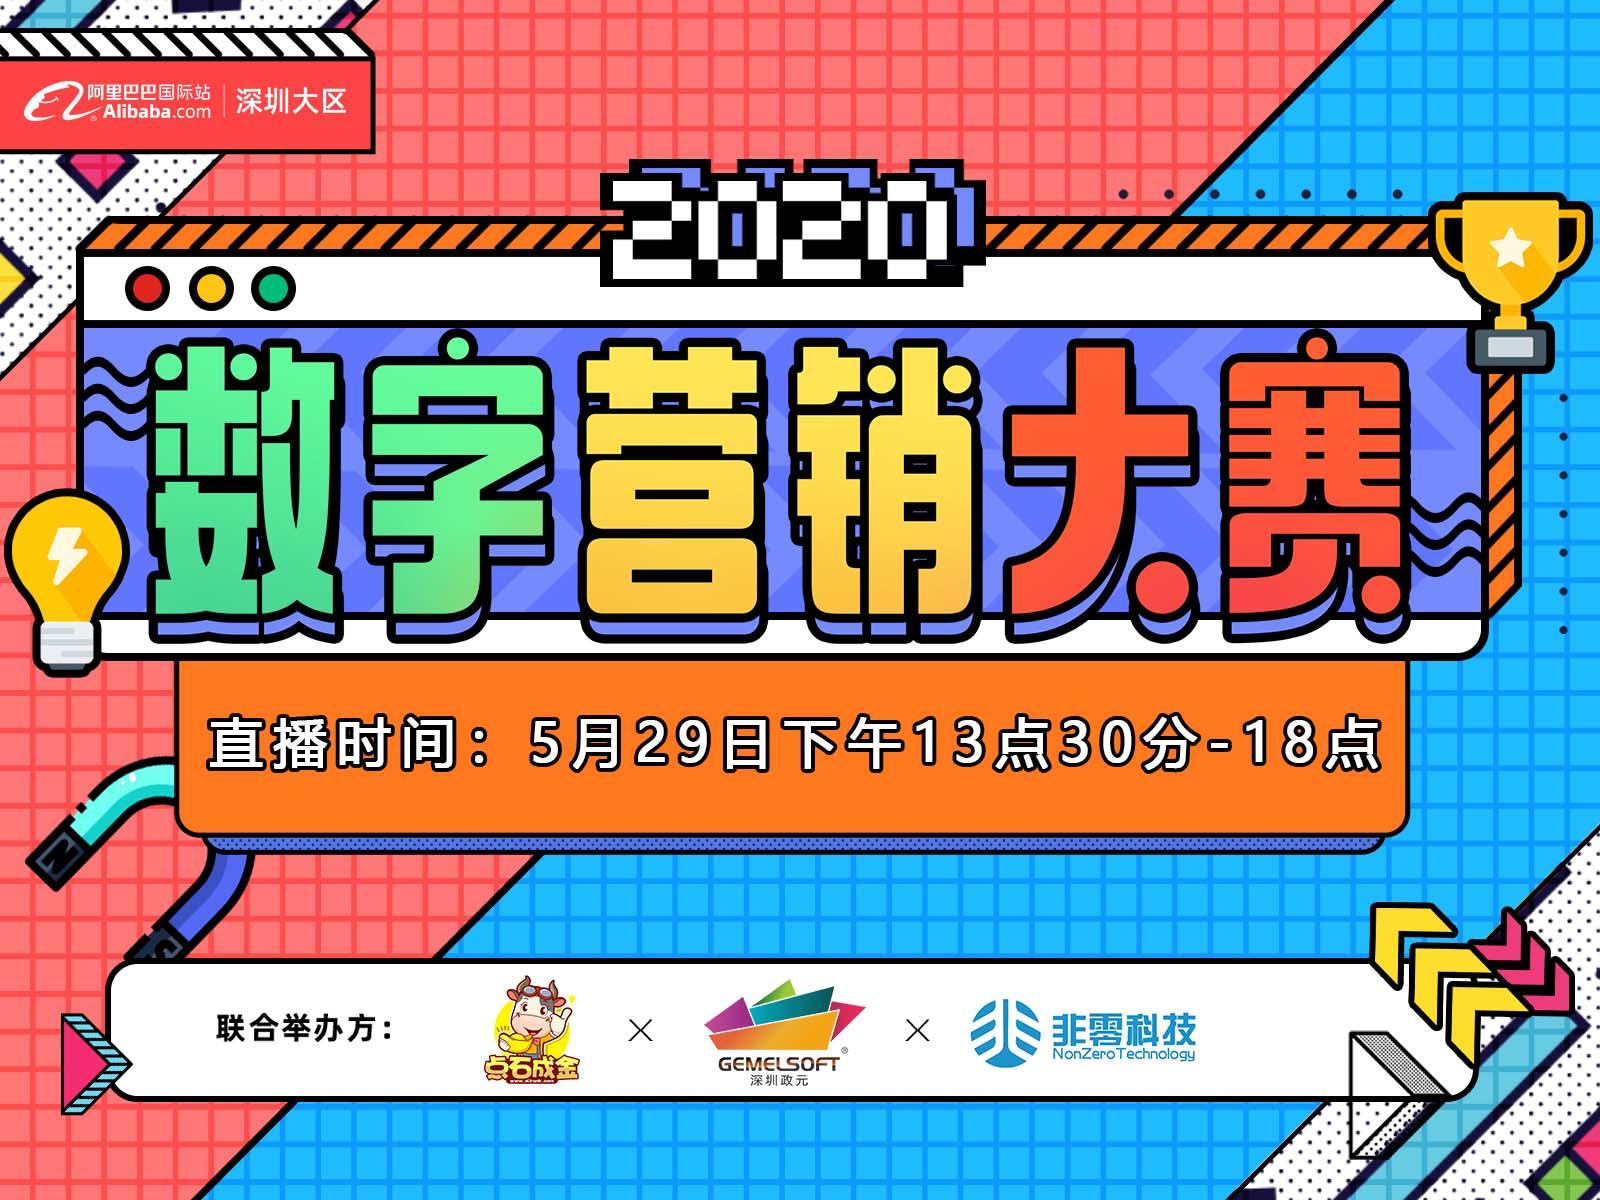 阿里巴巴国际站深圳大区《数字营销大赛》龙岗区域决赛